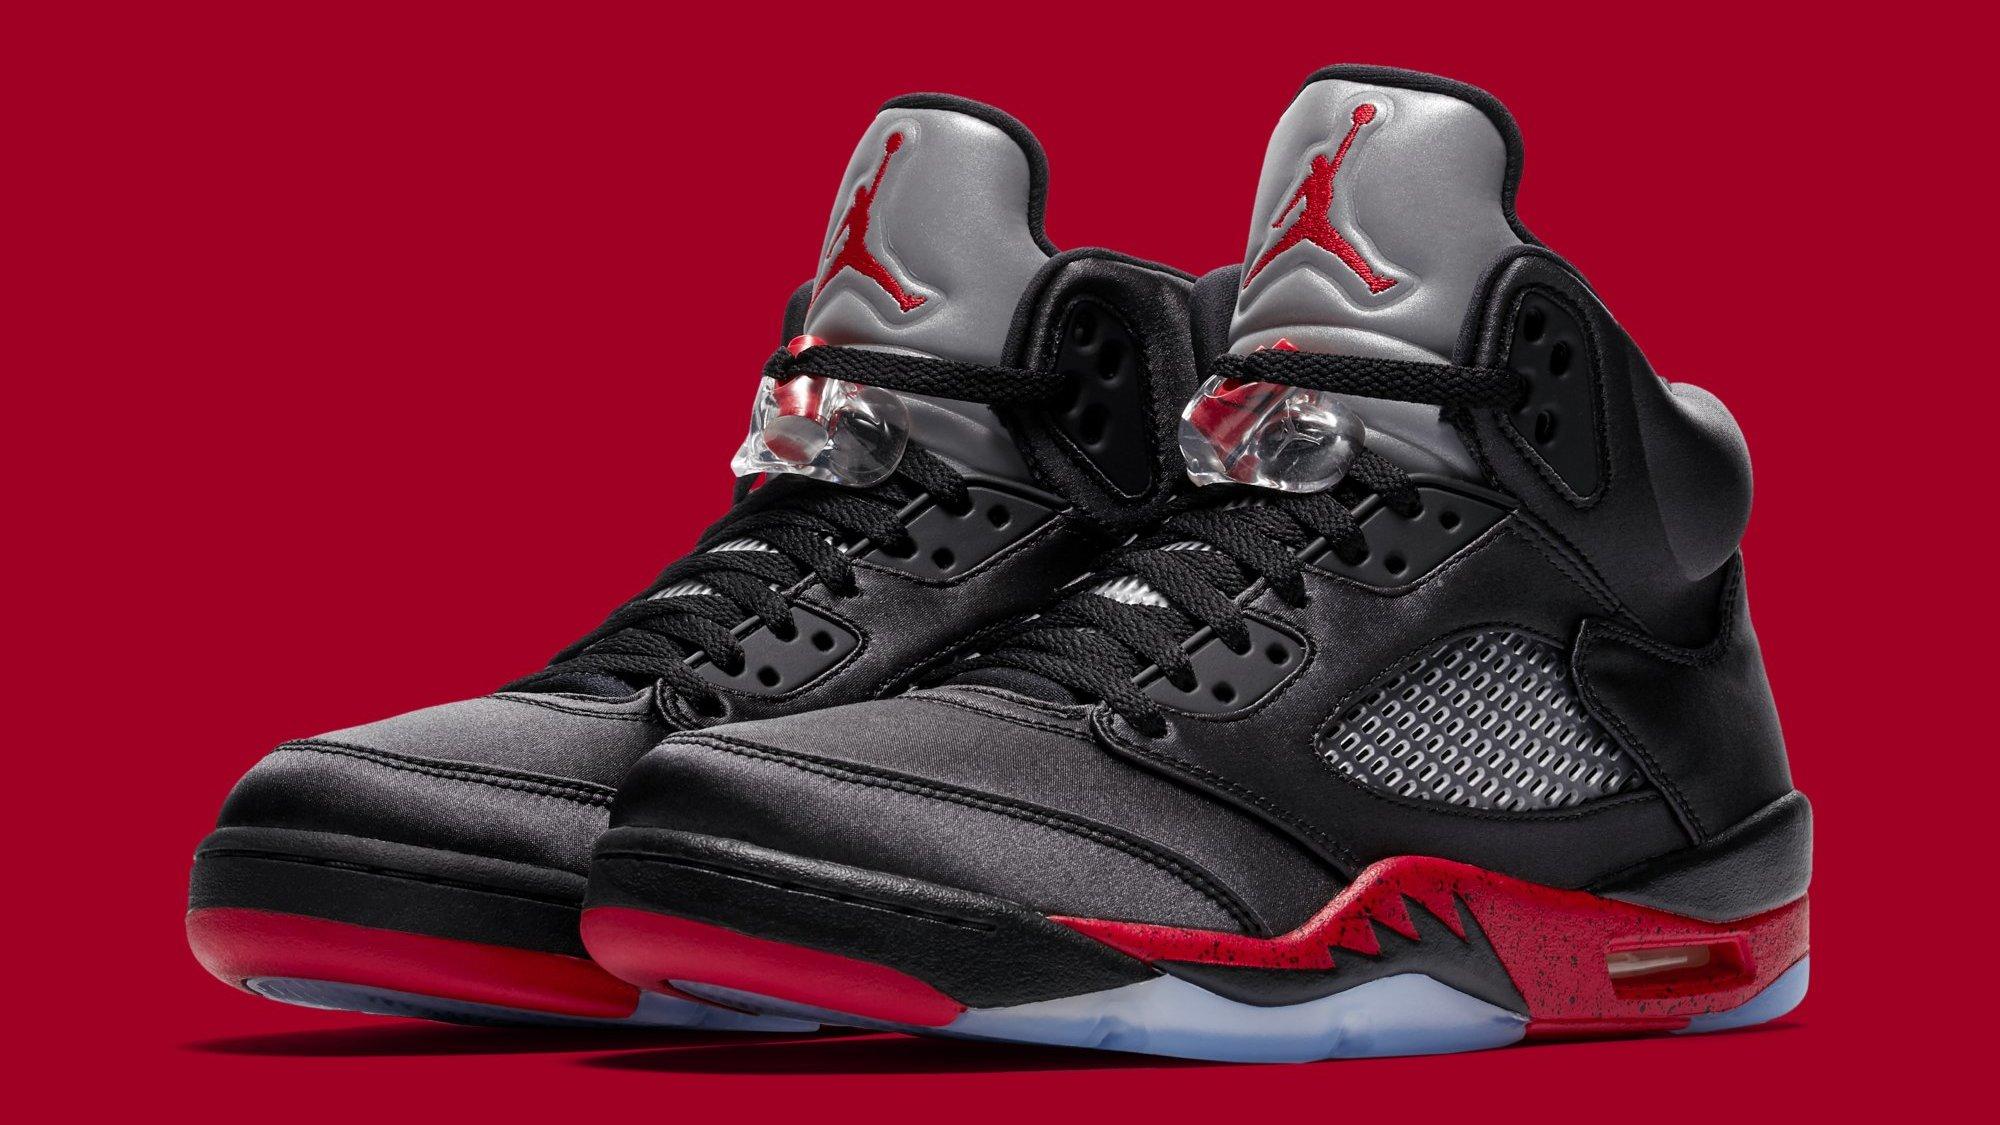 6225dc1342096 Air Jordan 5  Black University Red  Release Date